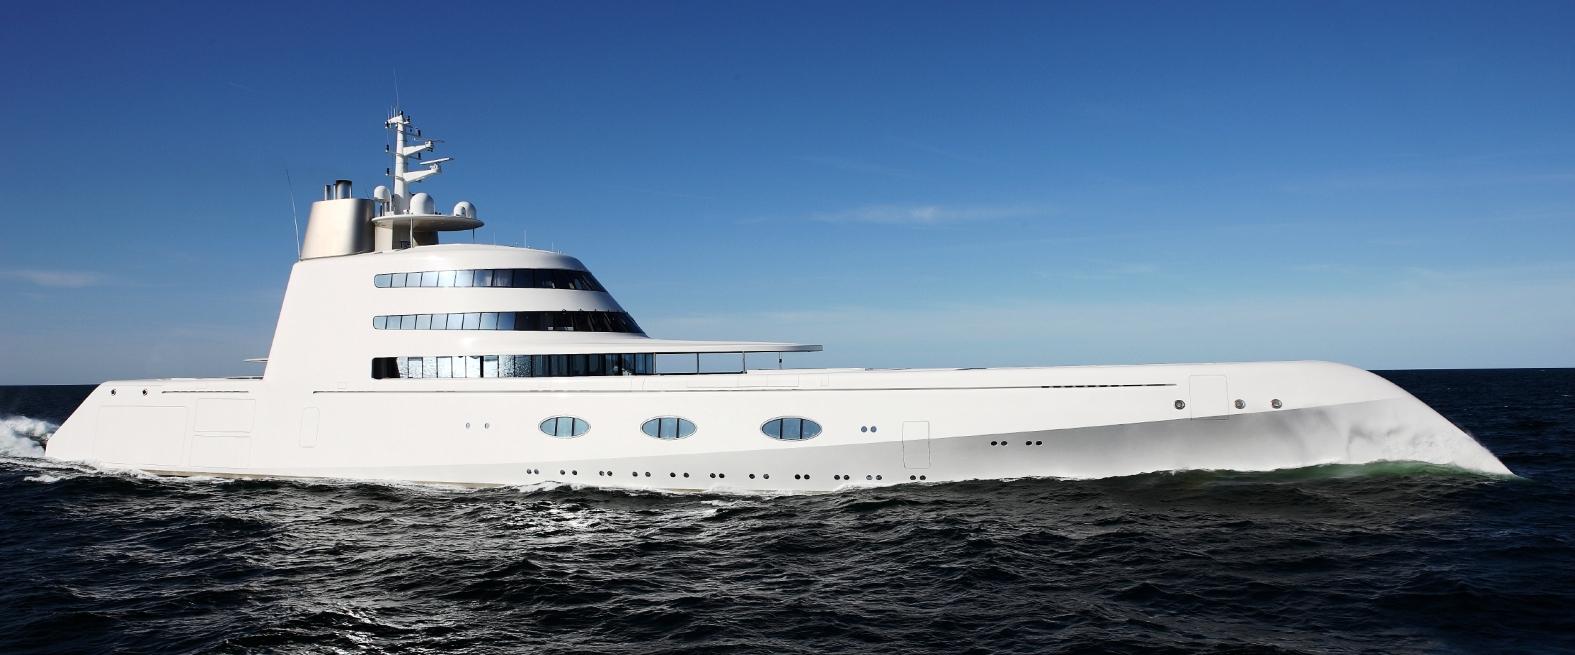 Crocieremie blog l 39 estate dei maxi yacht a cagliari for Palazzi super mega